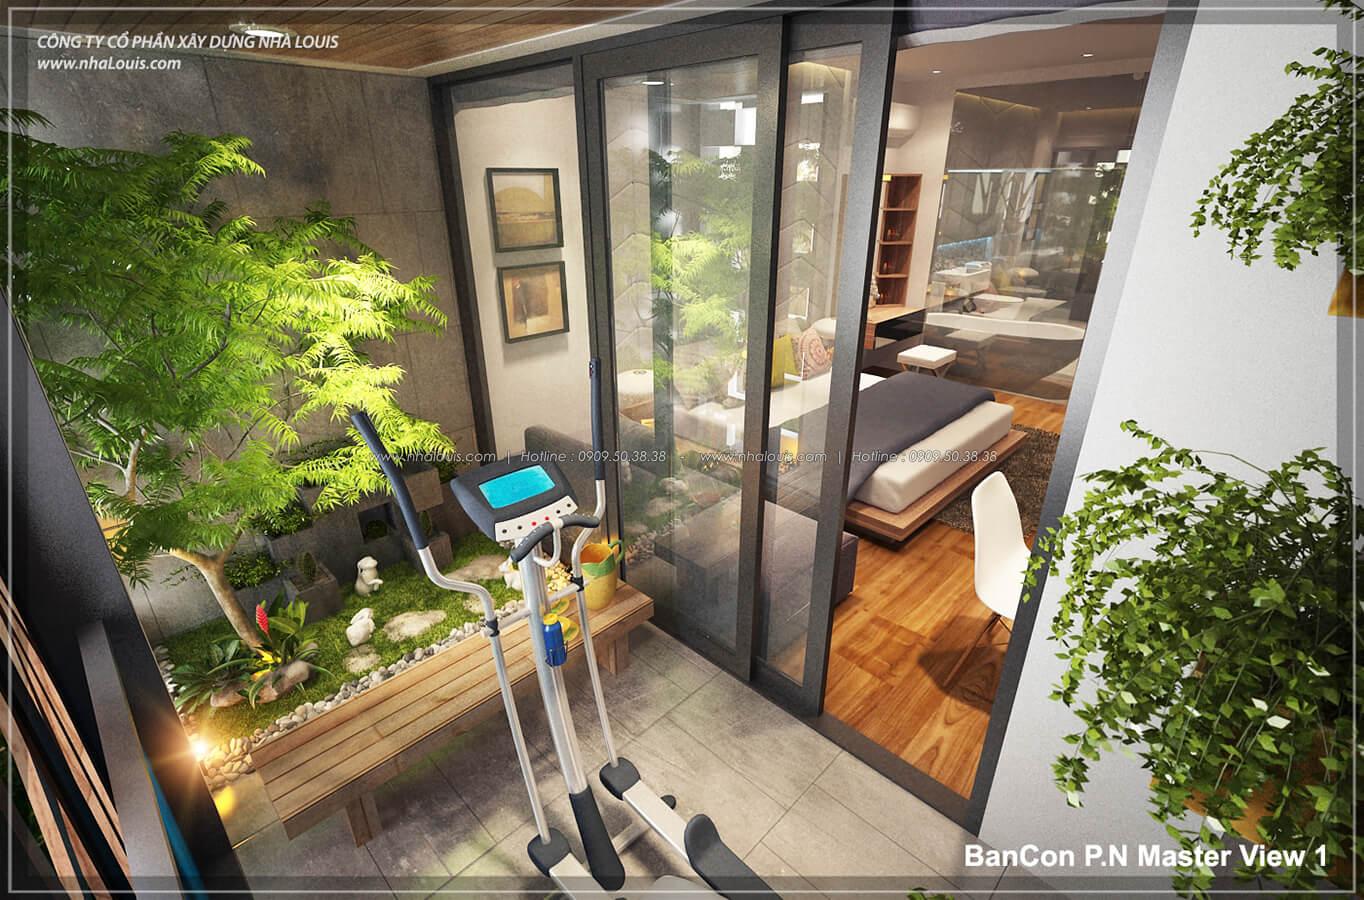 ban công với không gian xanh trong nhà tại Quận 7 - 37